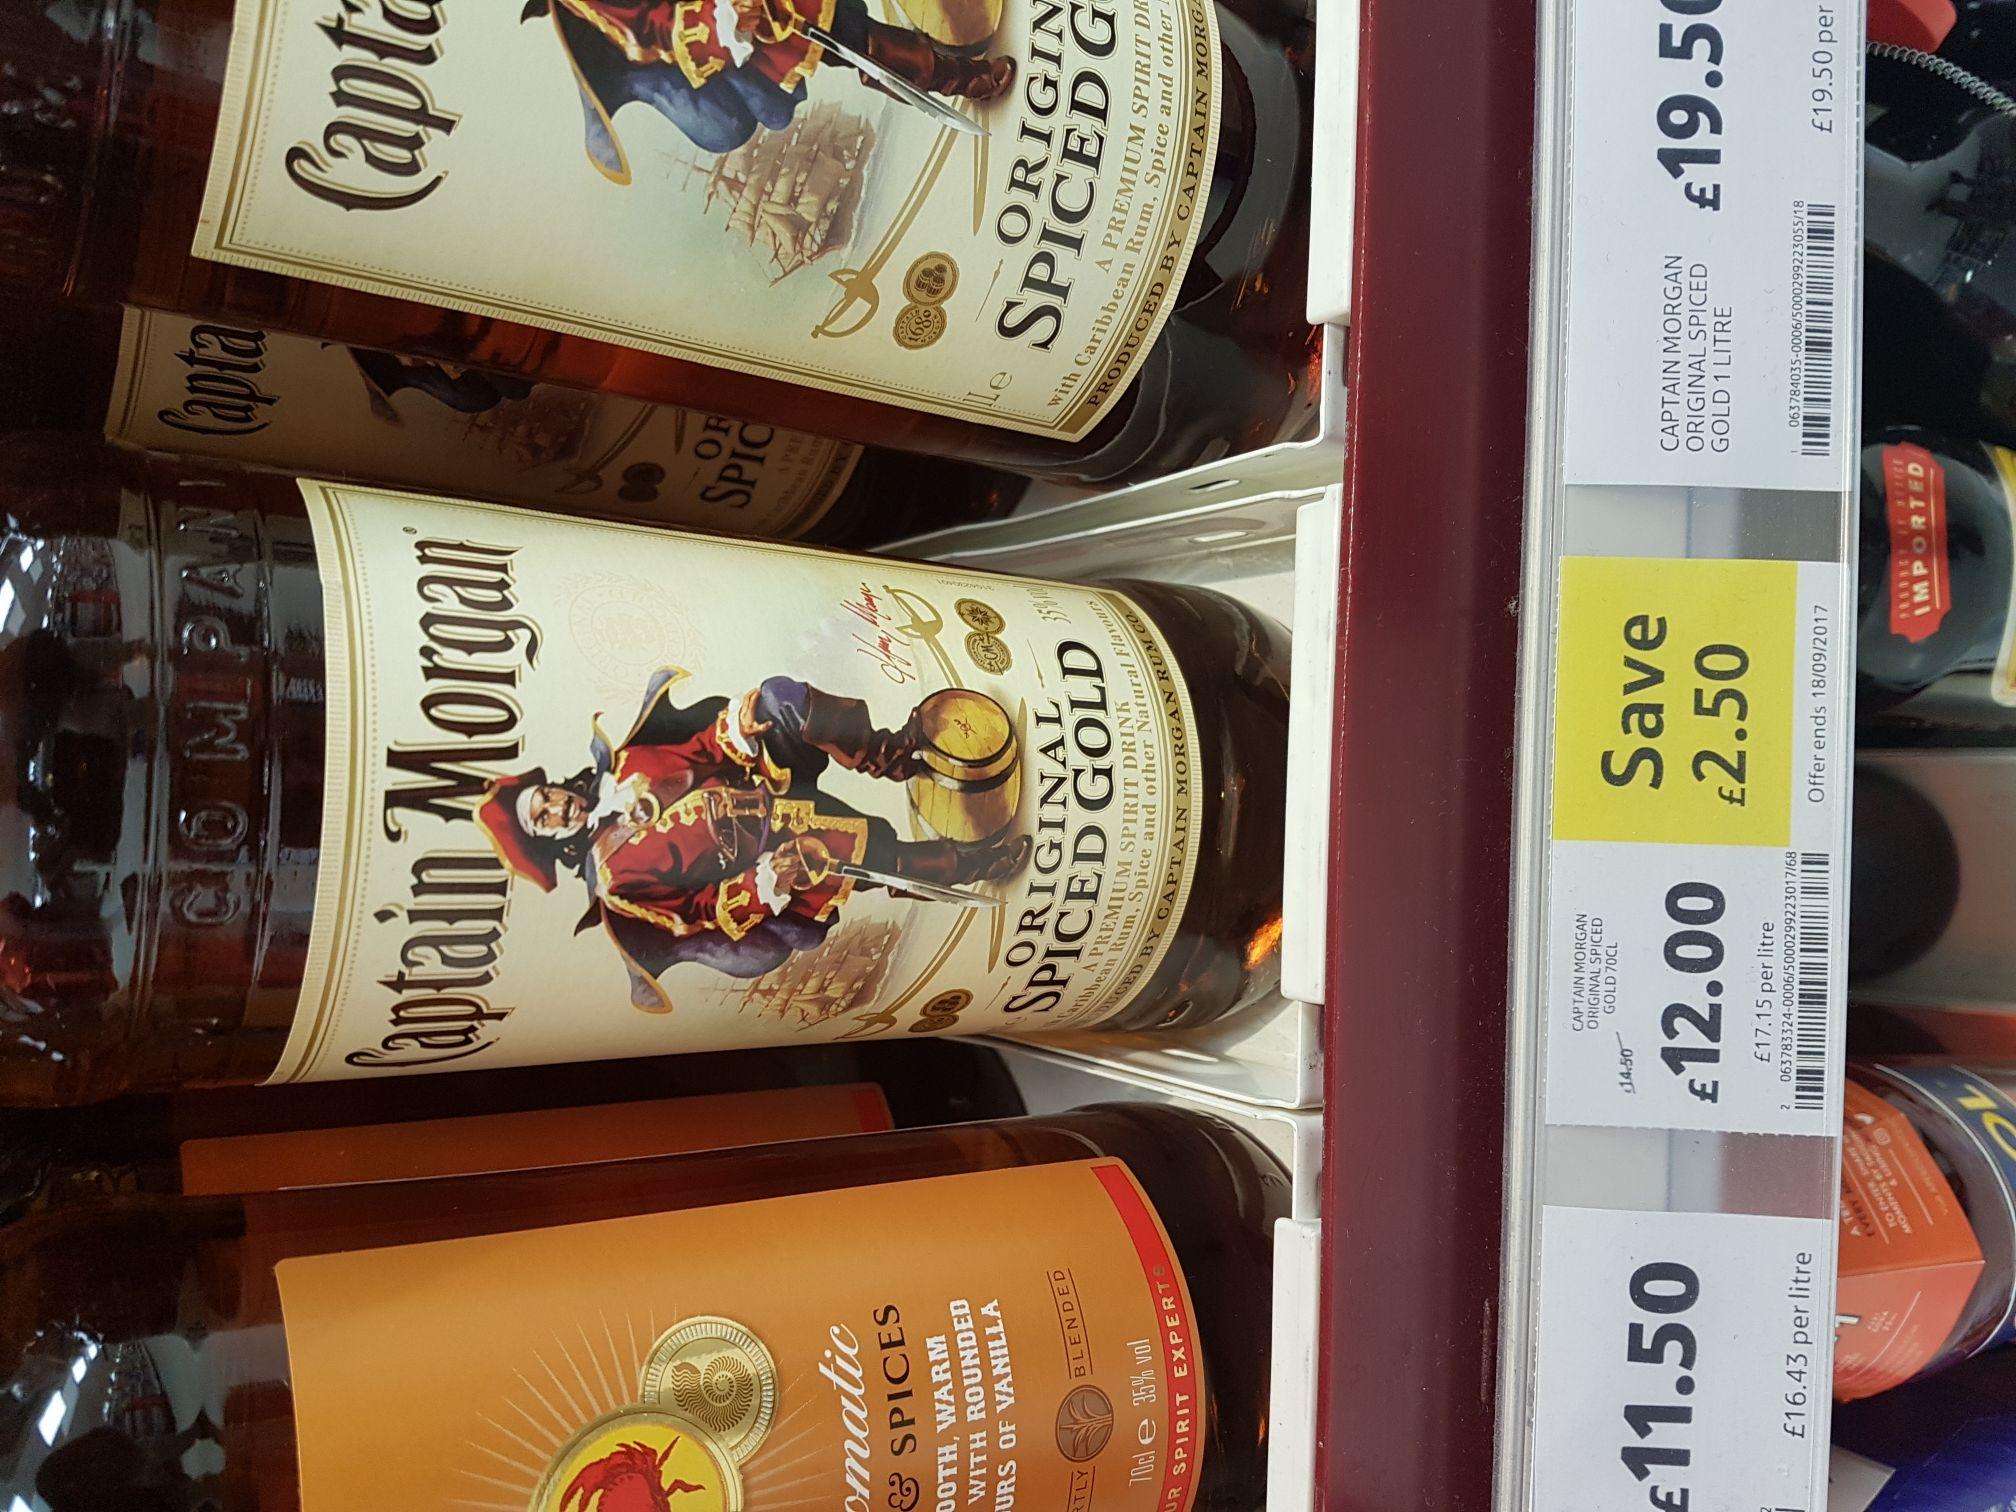 Captain Morgan's Spiced Rum (70cl) £12 at Tesco